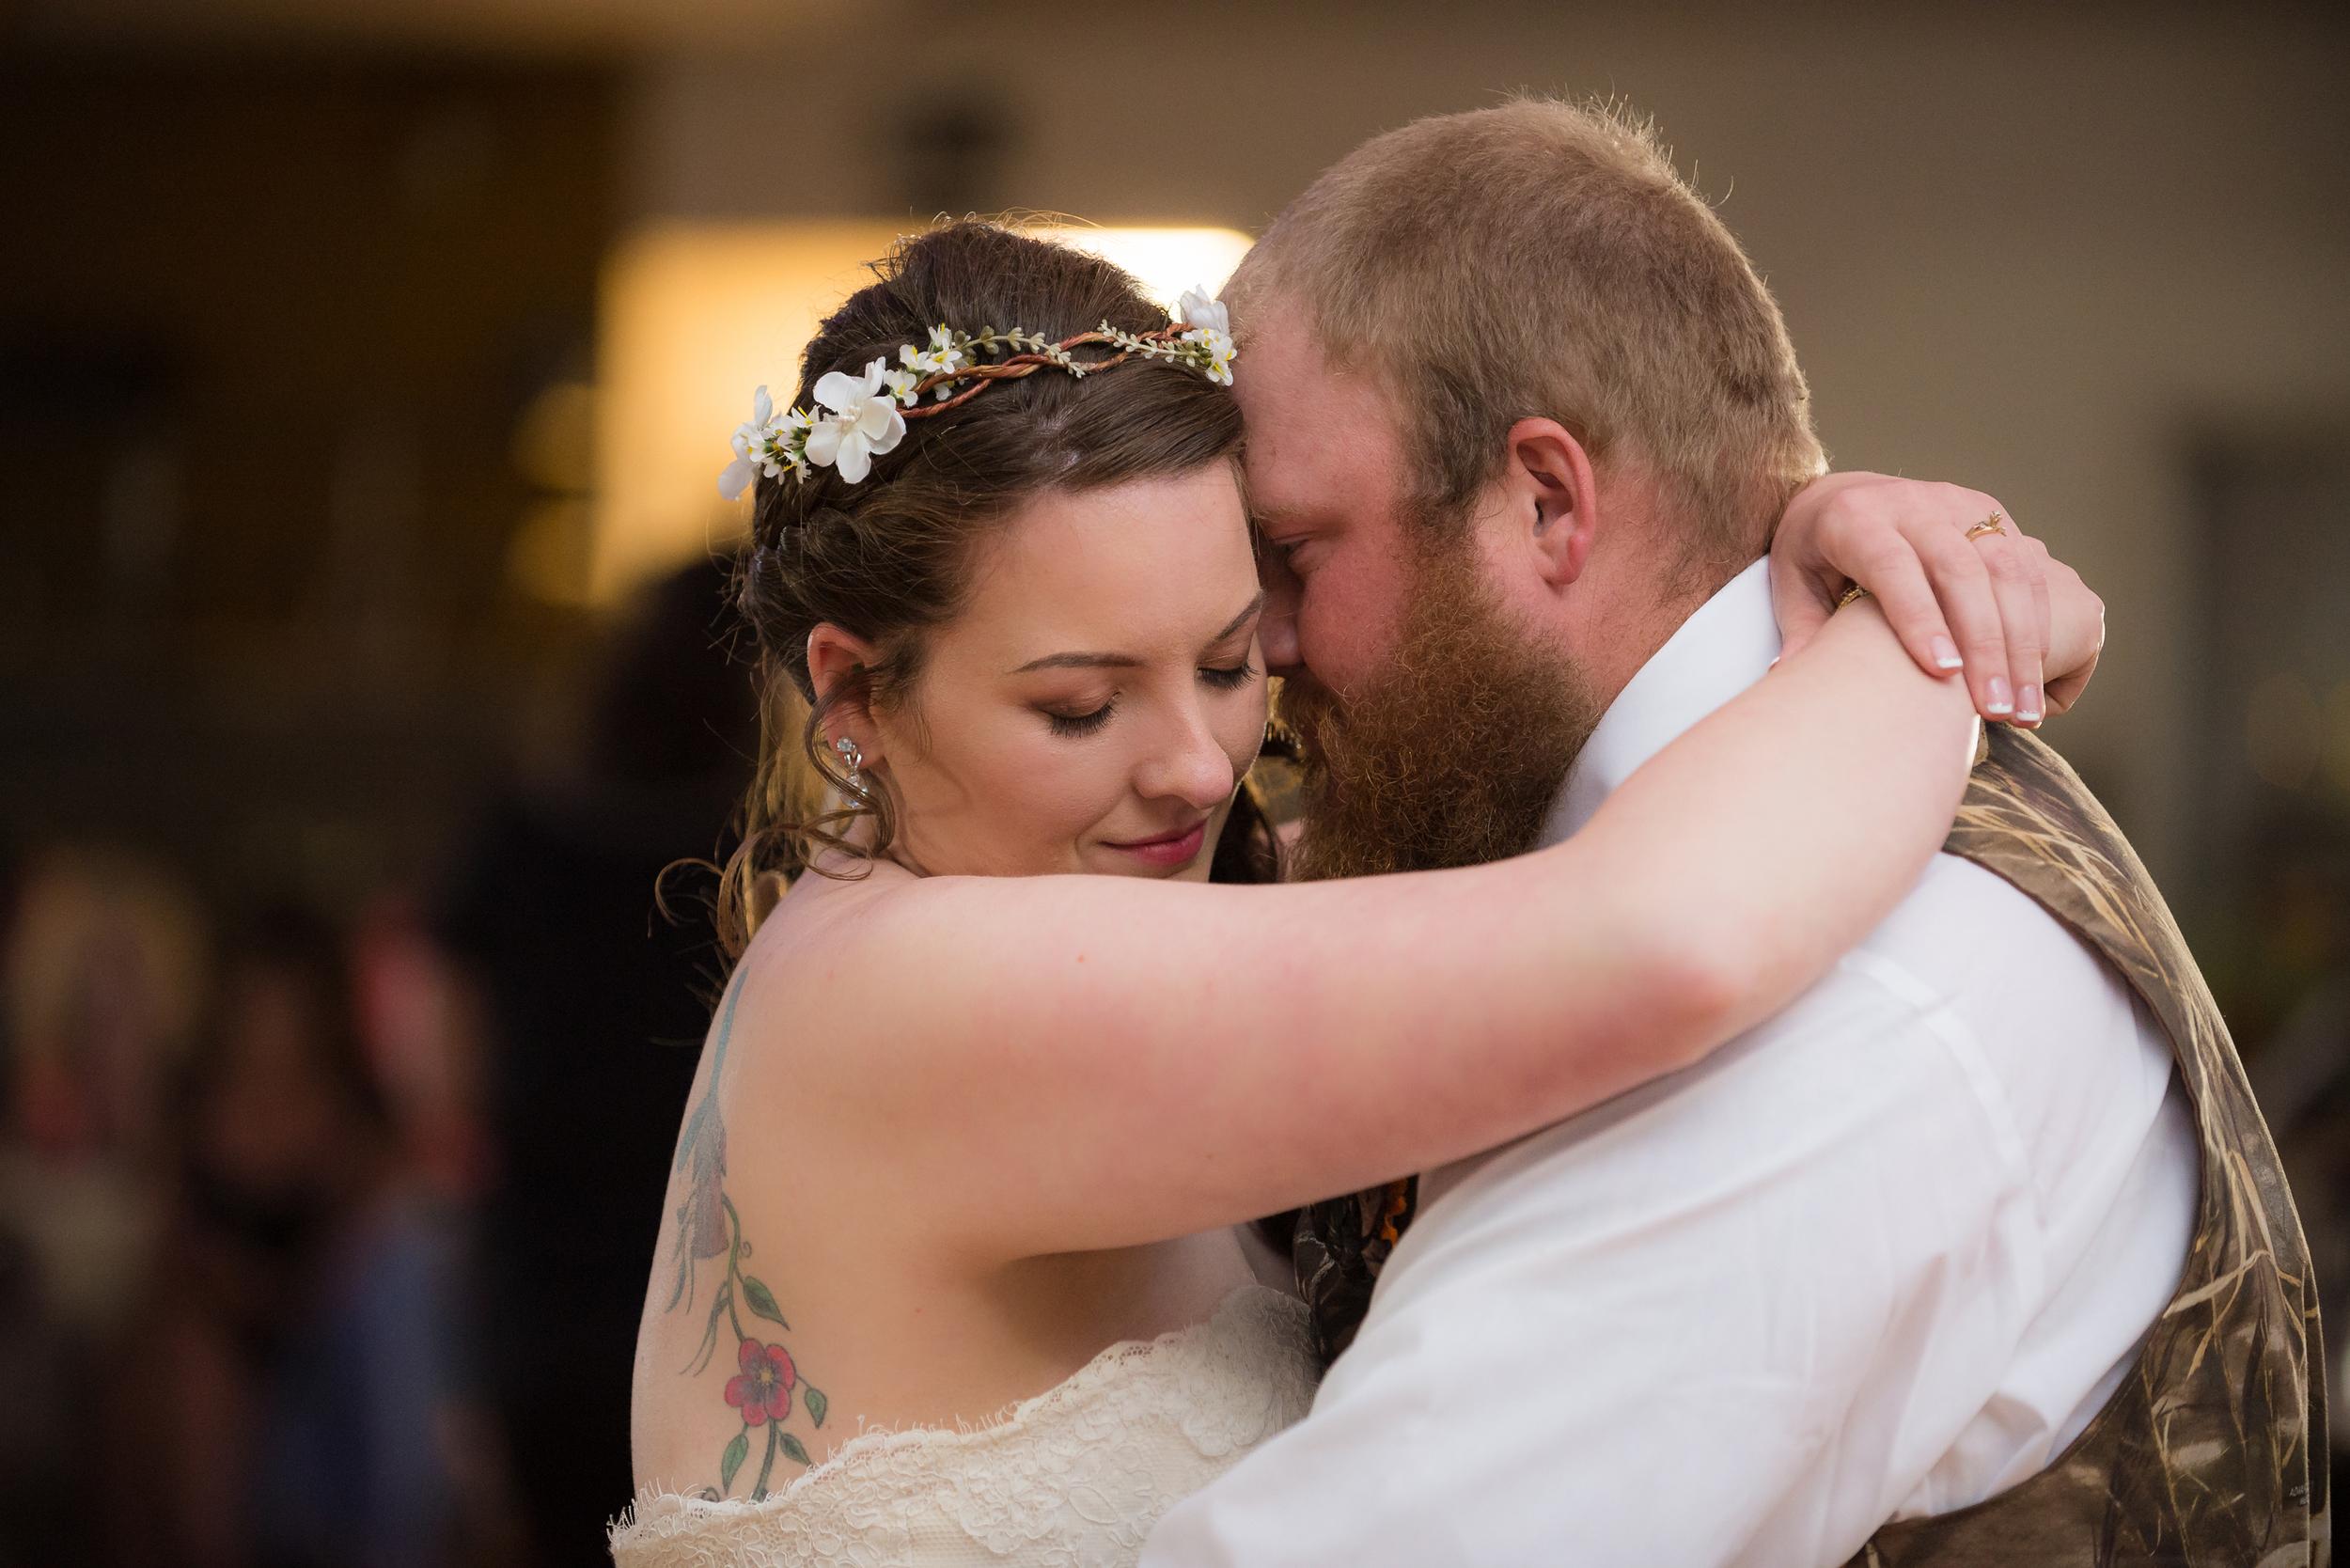 Tasha-Nick-Wedding-Garcia-Photography-7115.jpg